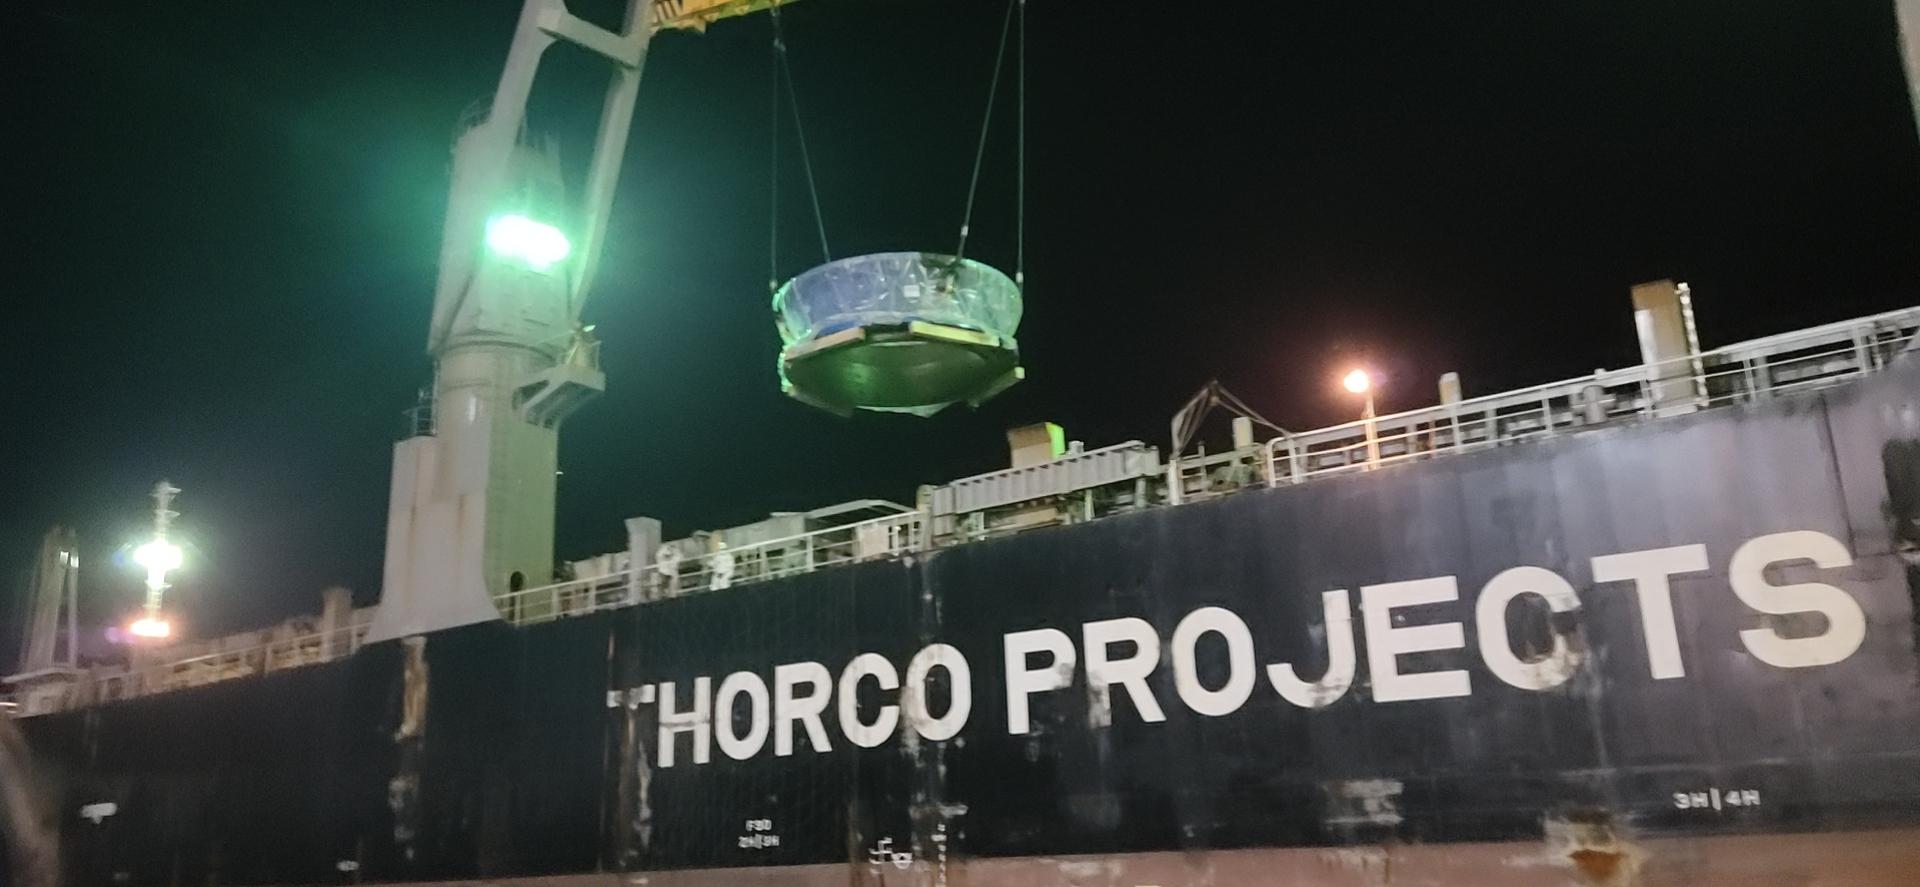 船边直装大件货物运输